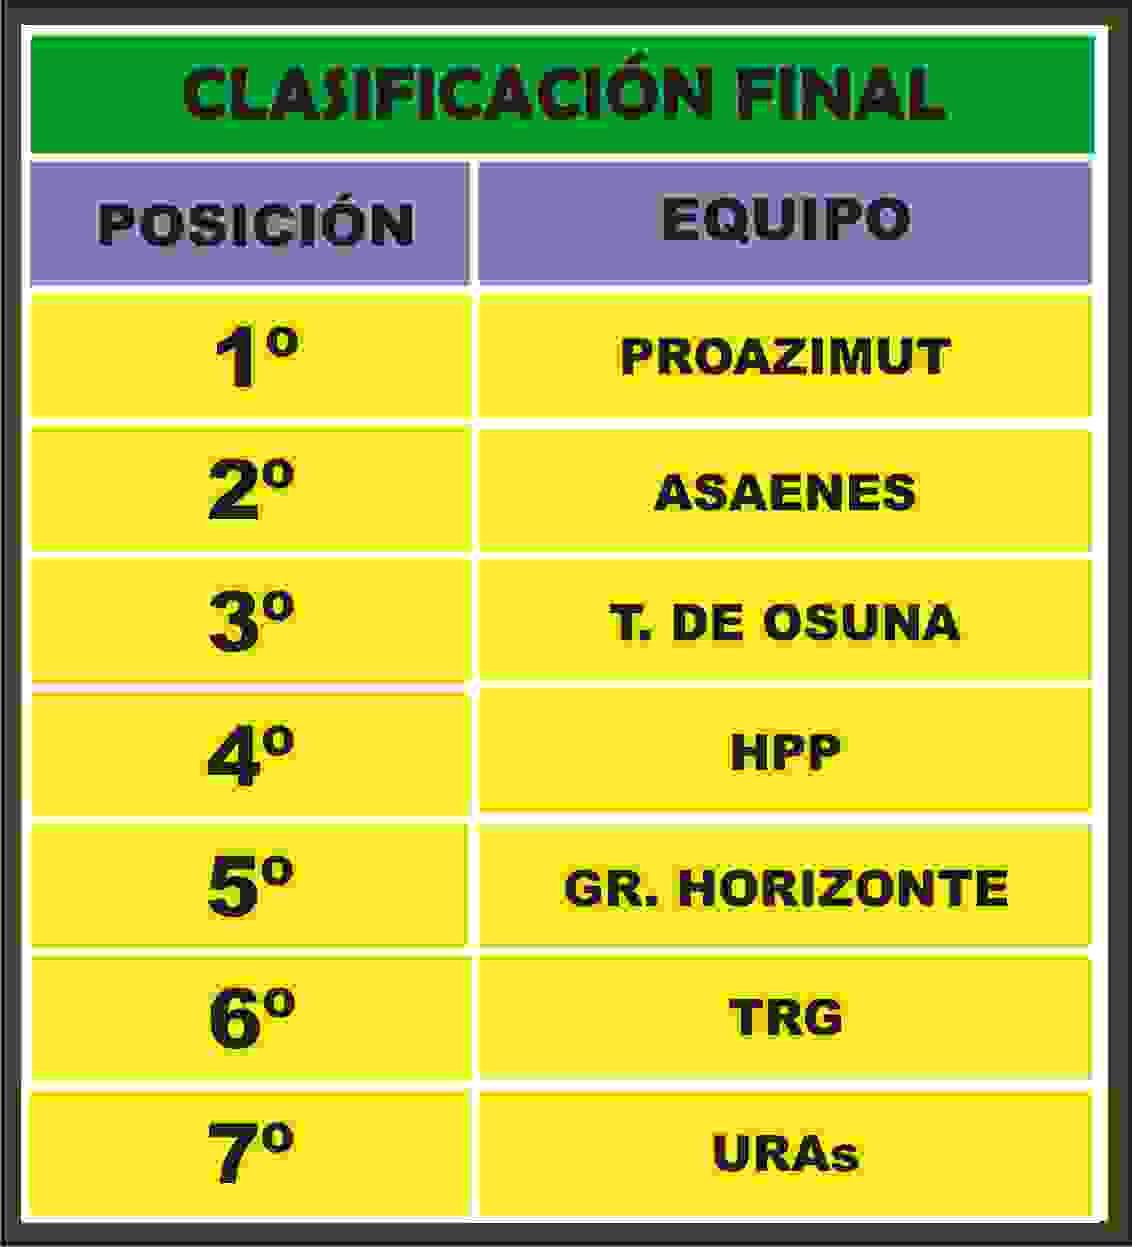 CLASIFICACIÓN FINAL 2014 a 2015